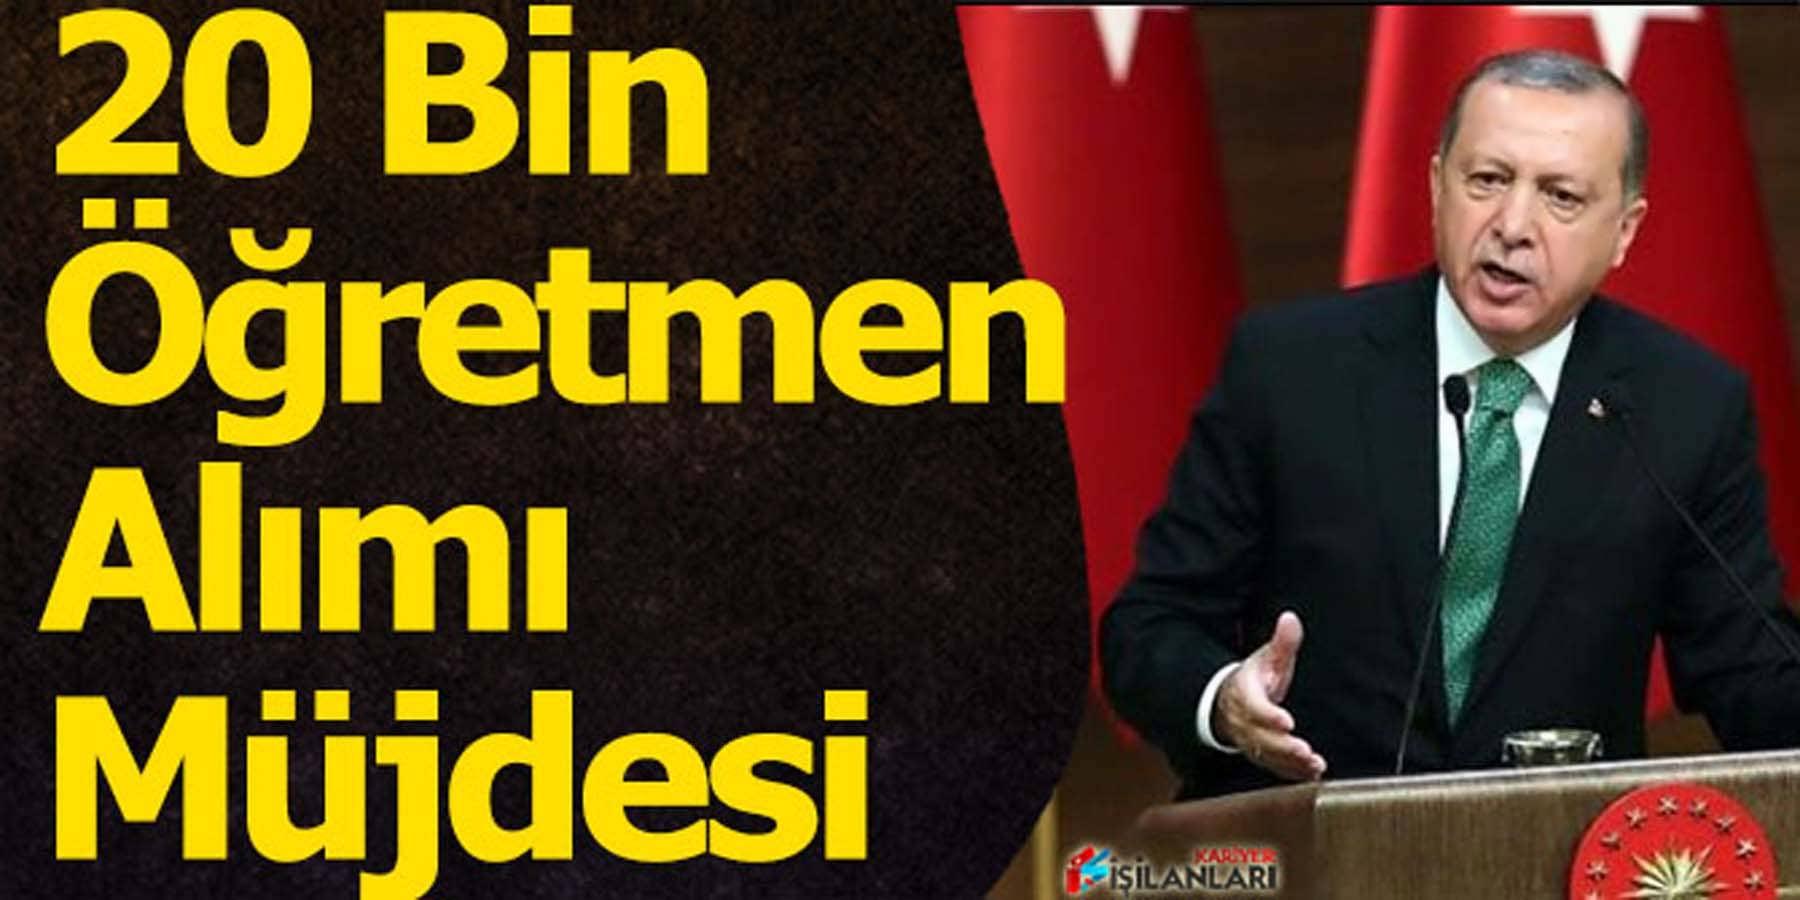 Erdoğan'dan 20 Bin Sözleşmeli Öğretmen Alımı Müjdesi